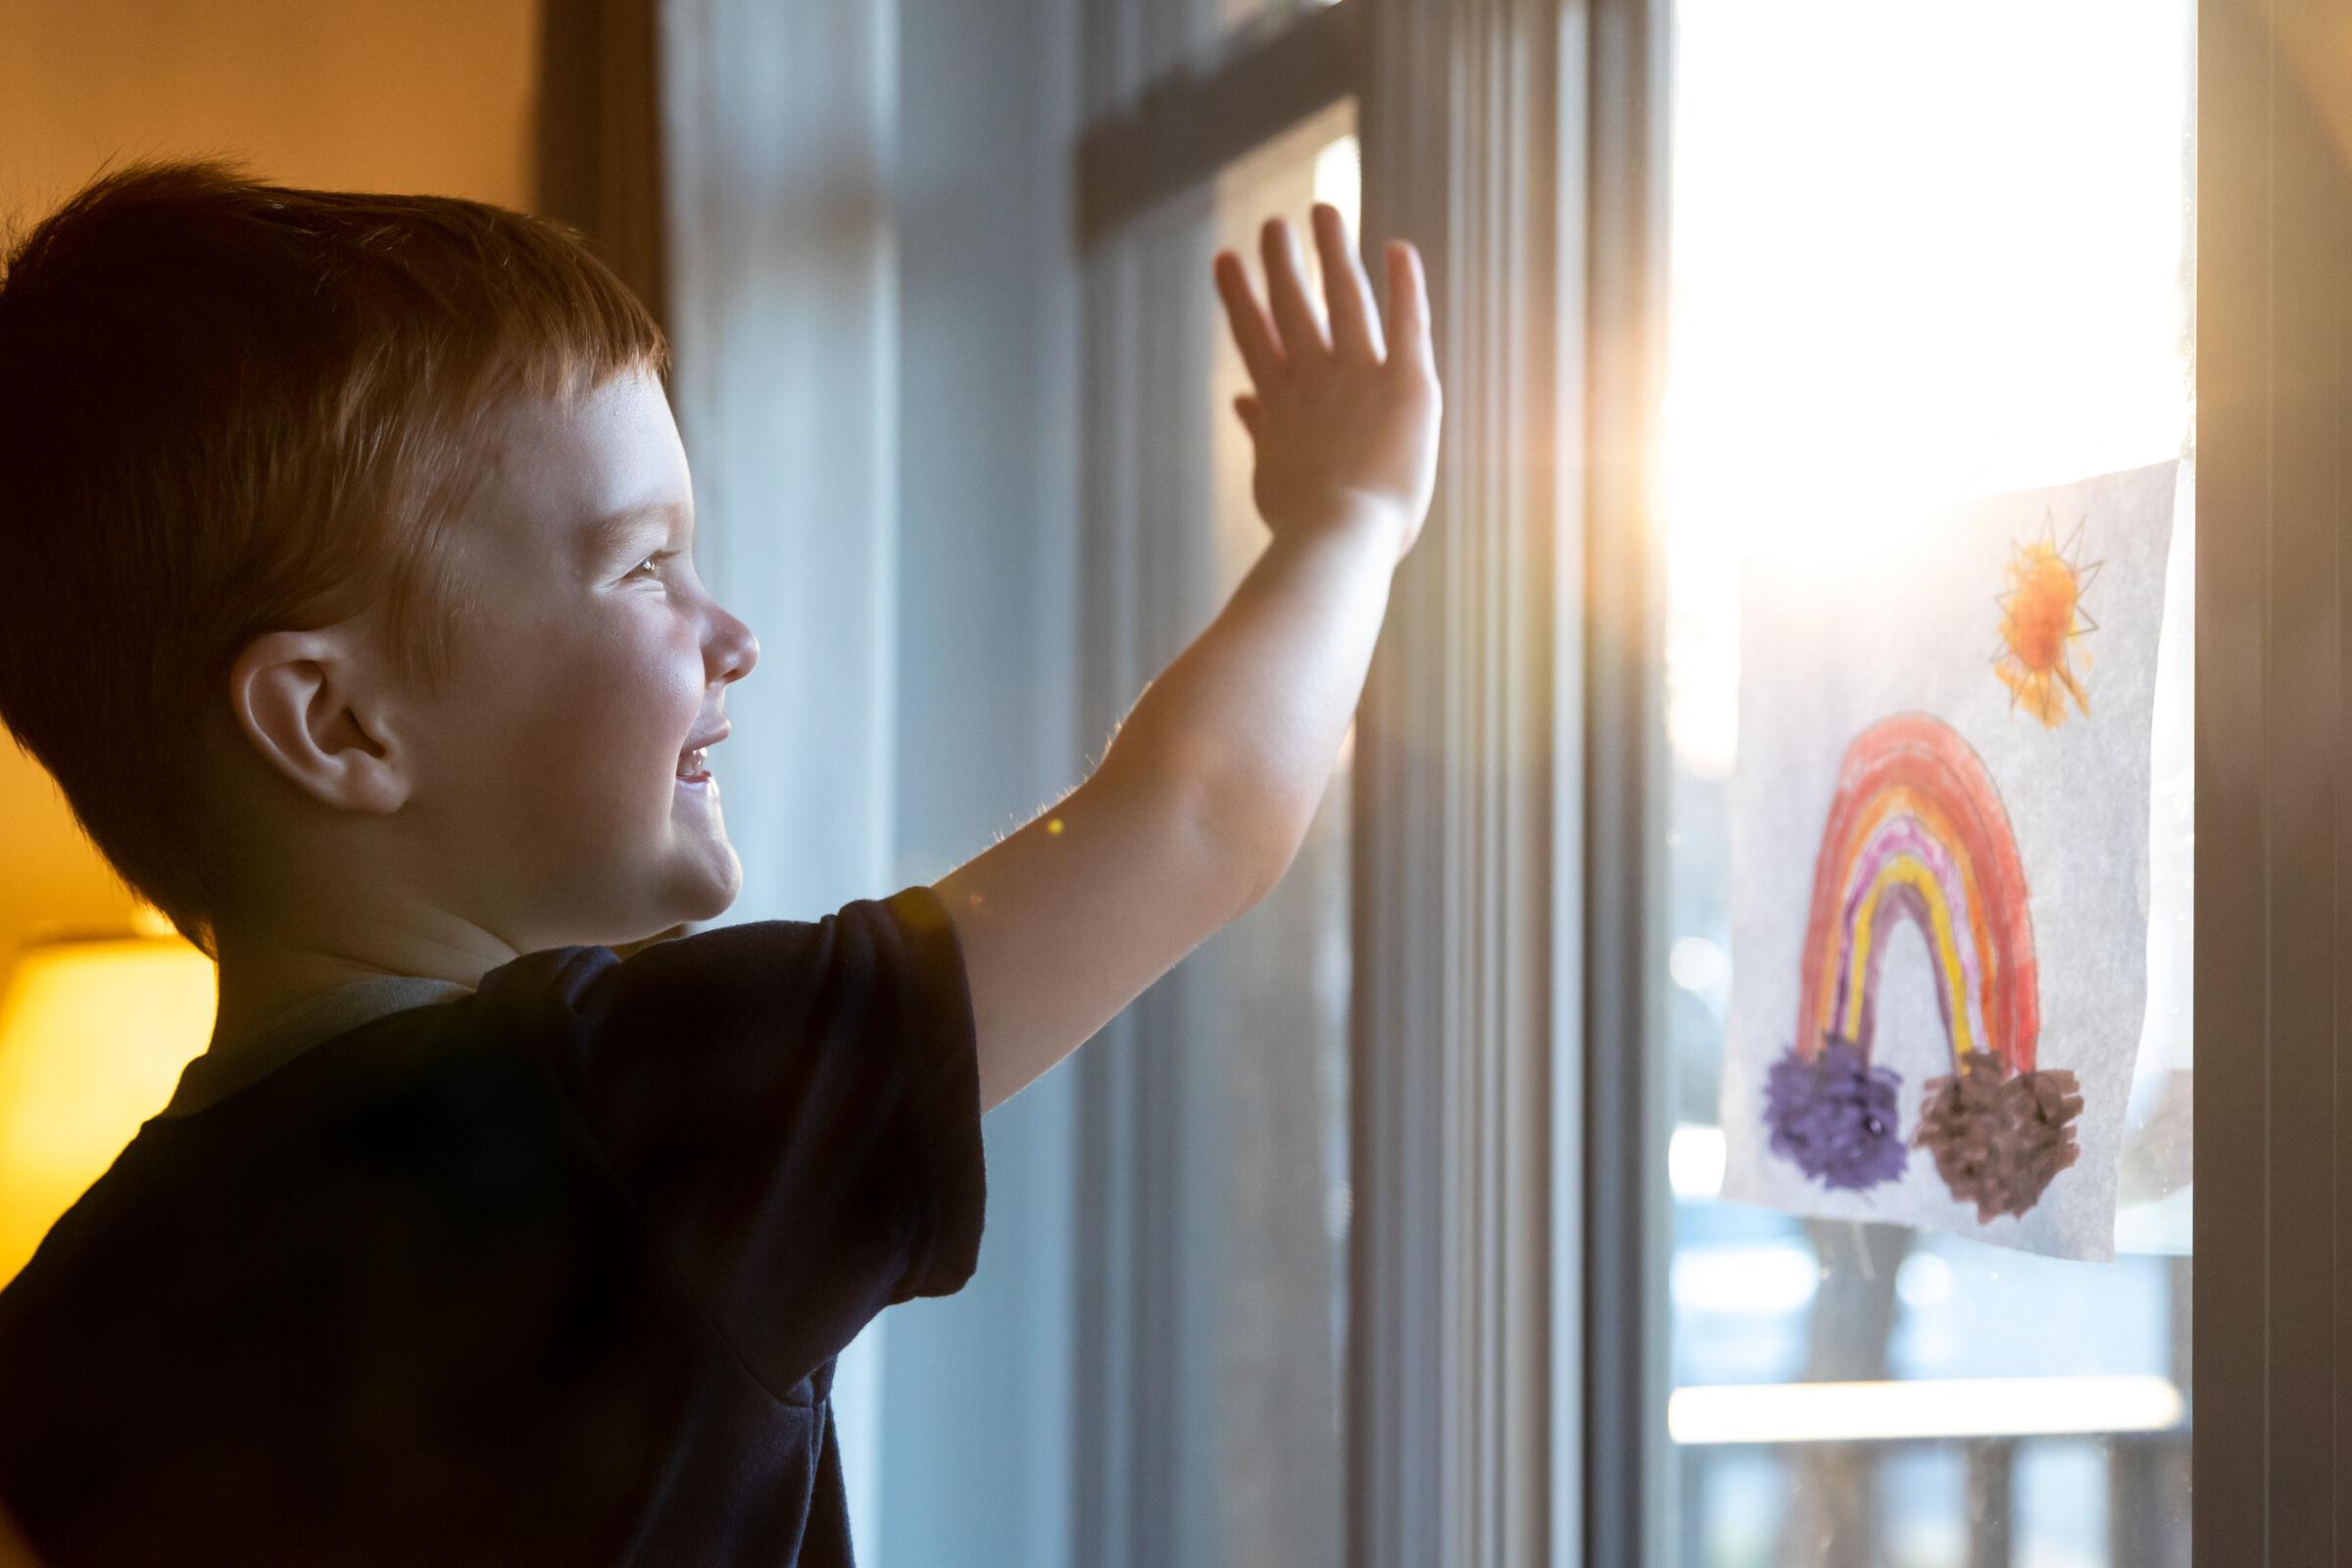 Criança-com-desenho-de-arcoiris-remetendo-a-esperanca-em-tempos-de-covid